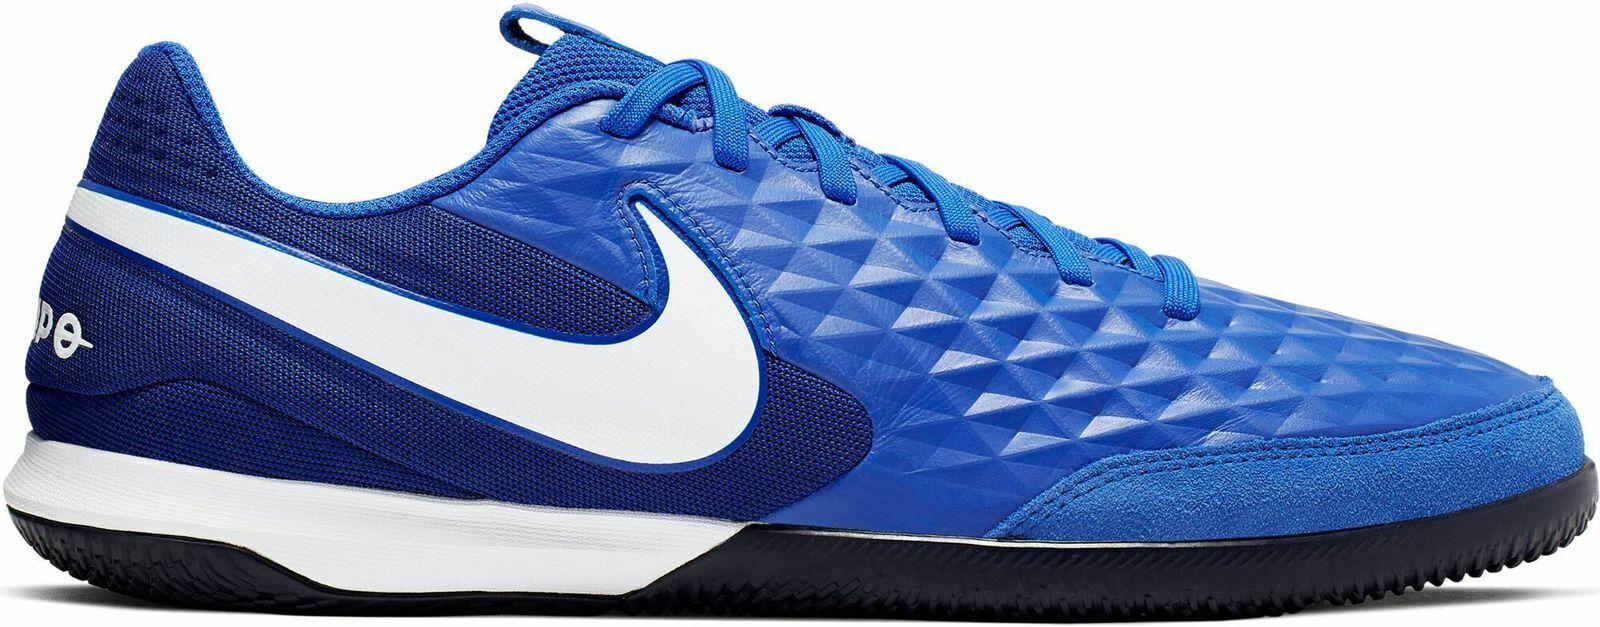 Nike Herren Hallenschuhe Fußballschuhe Legend 8 Academy IC Hallensport blau